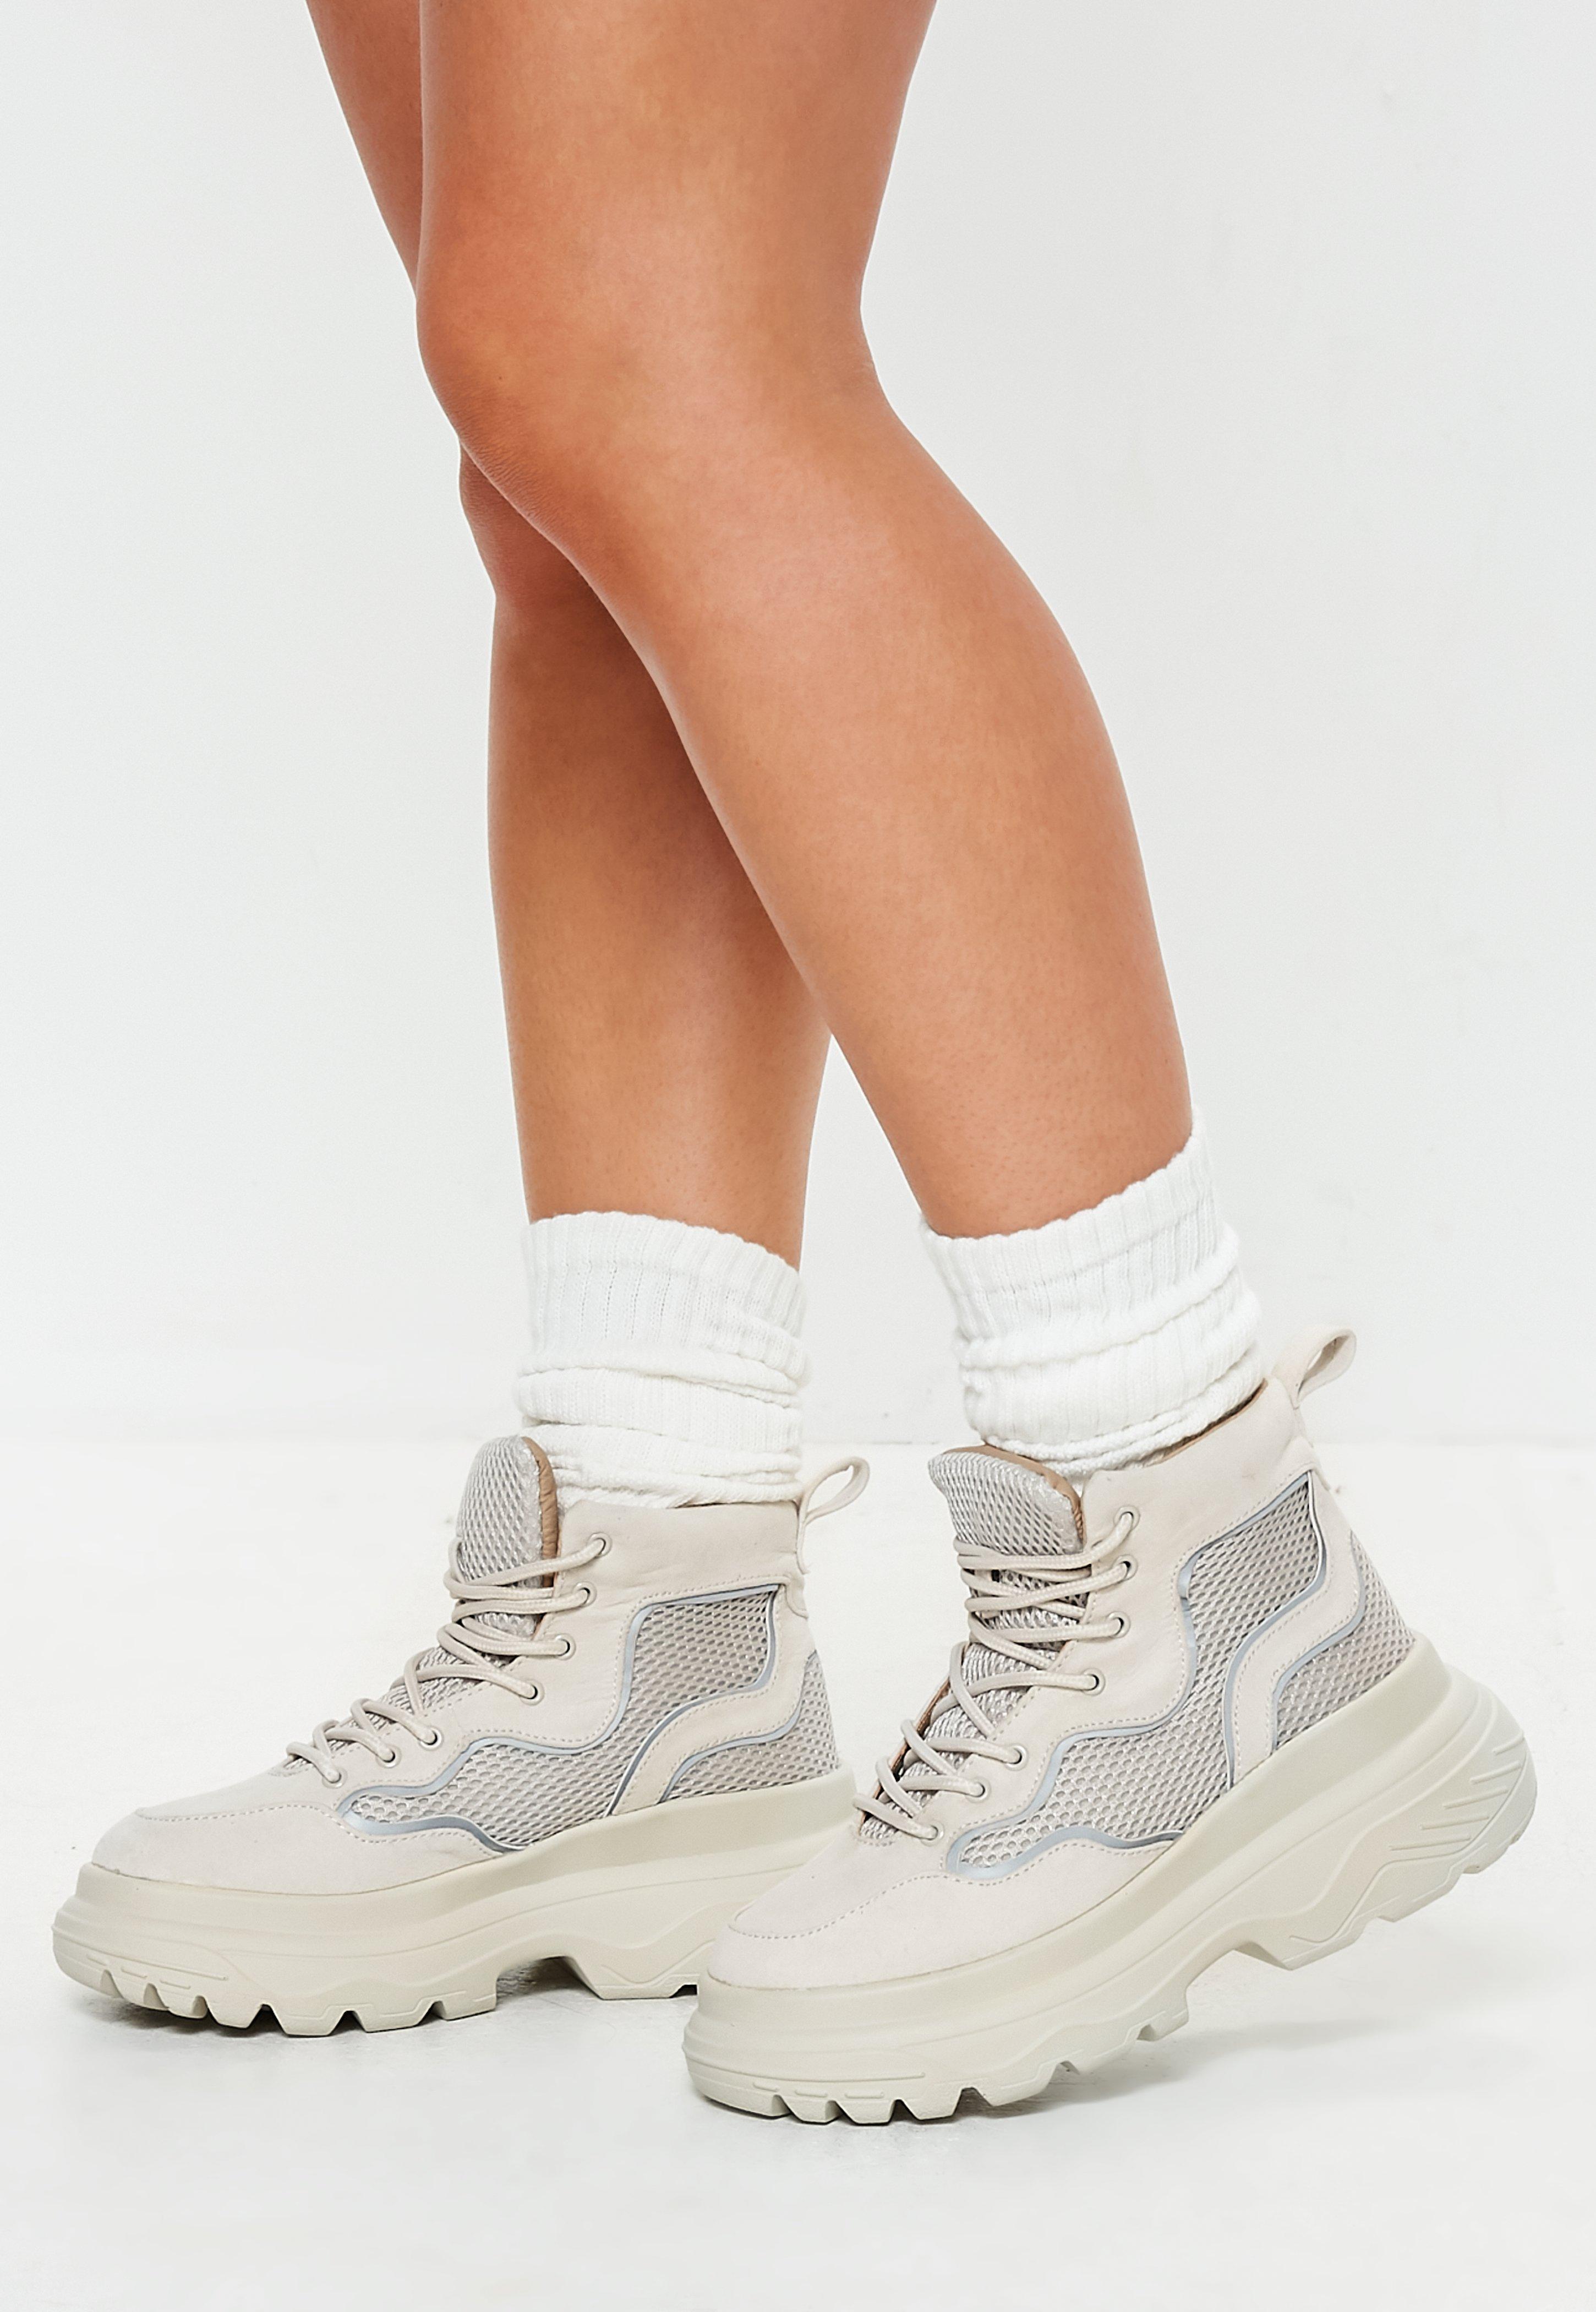 Nouveautés Pour Chaussures Chaussures Pour Nouveautés Nouveautés Missguided Femme Chaussures Pour Missguided Chaussures Nouveautés Femme Missguided Pour Femme wRq7XxAWAd